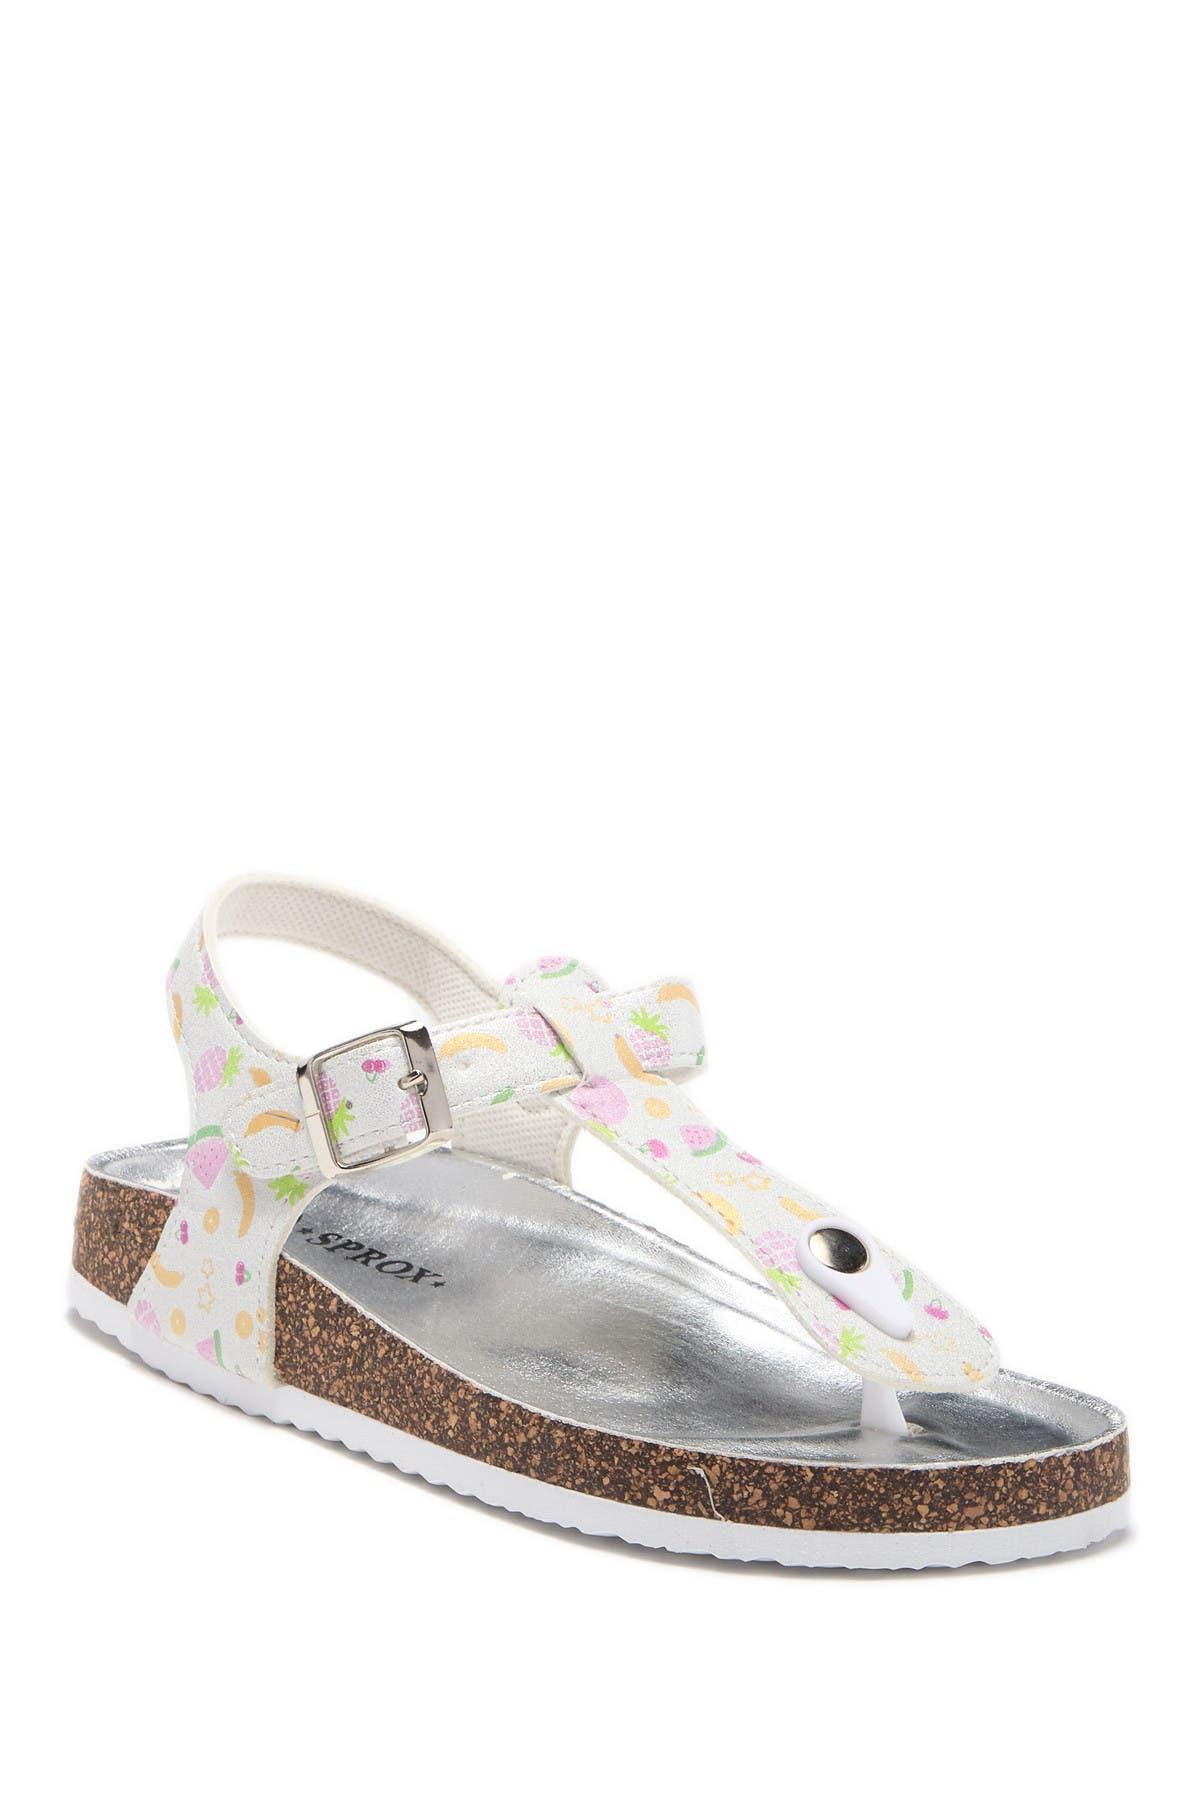 Image of SPROX Tutti Frutti Sandal